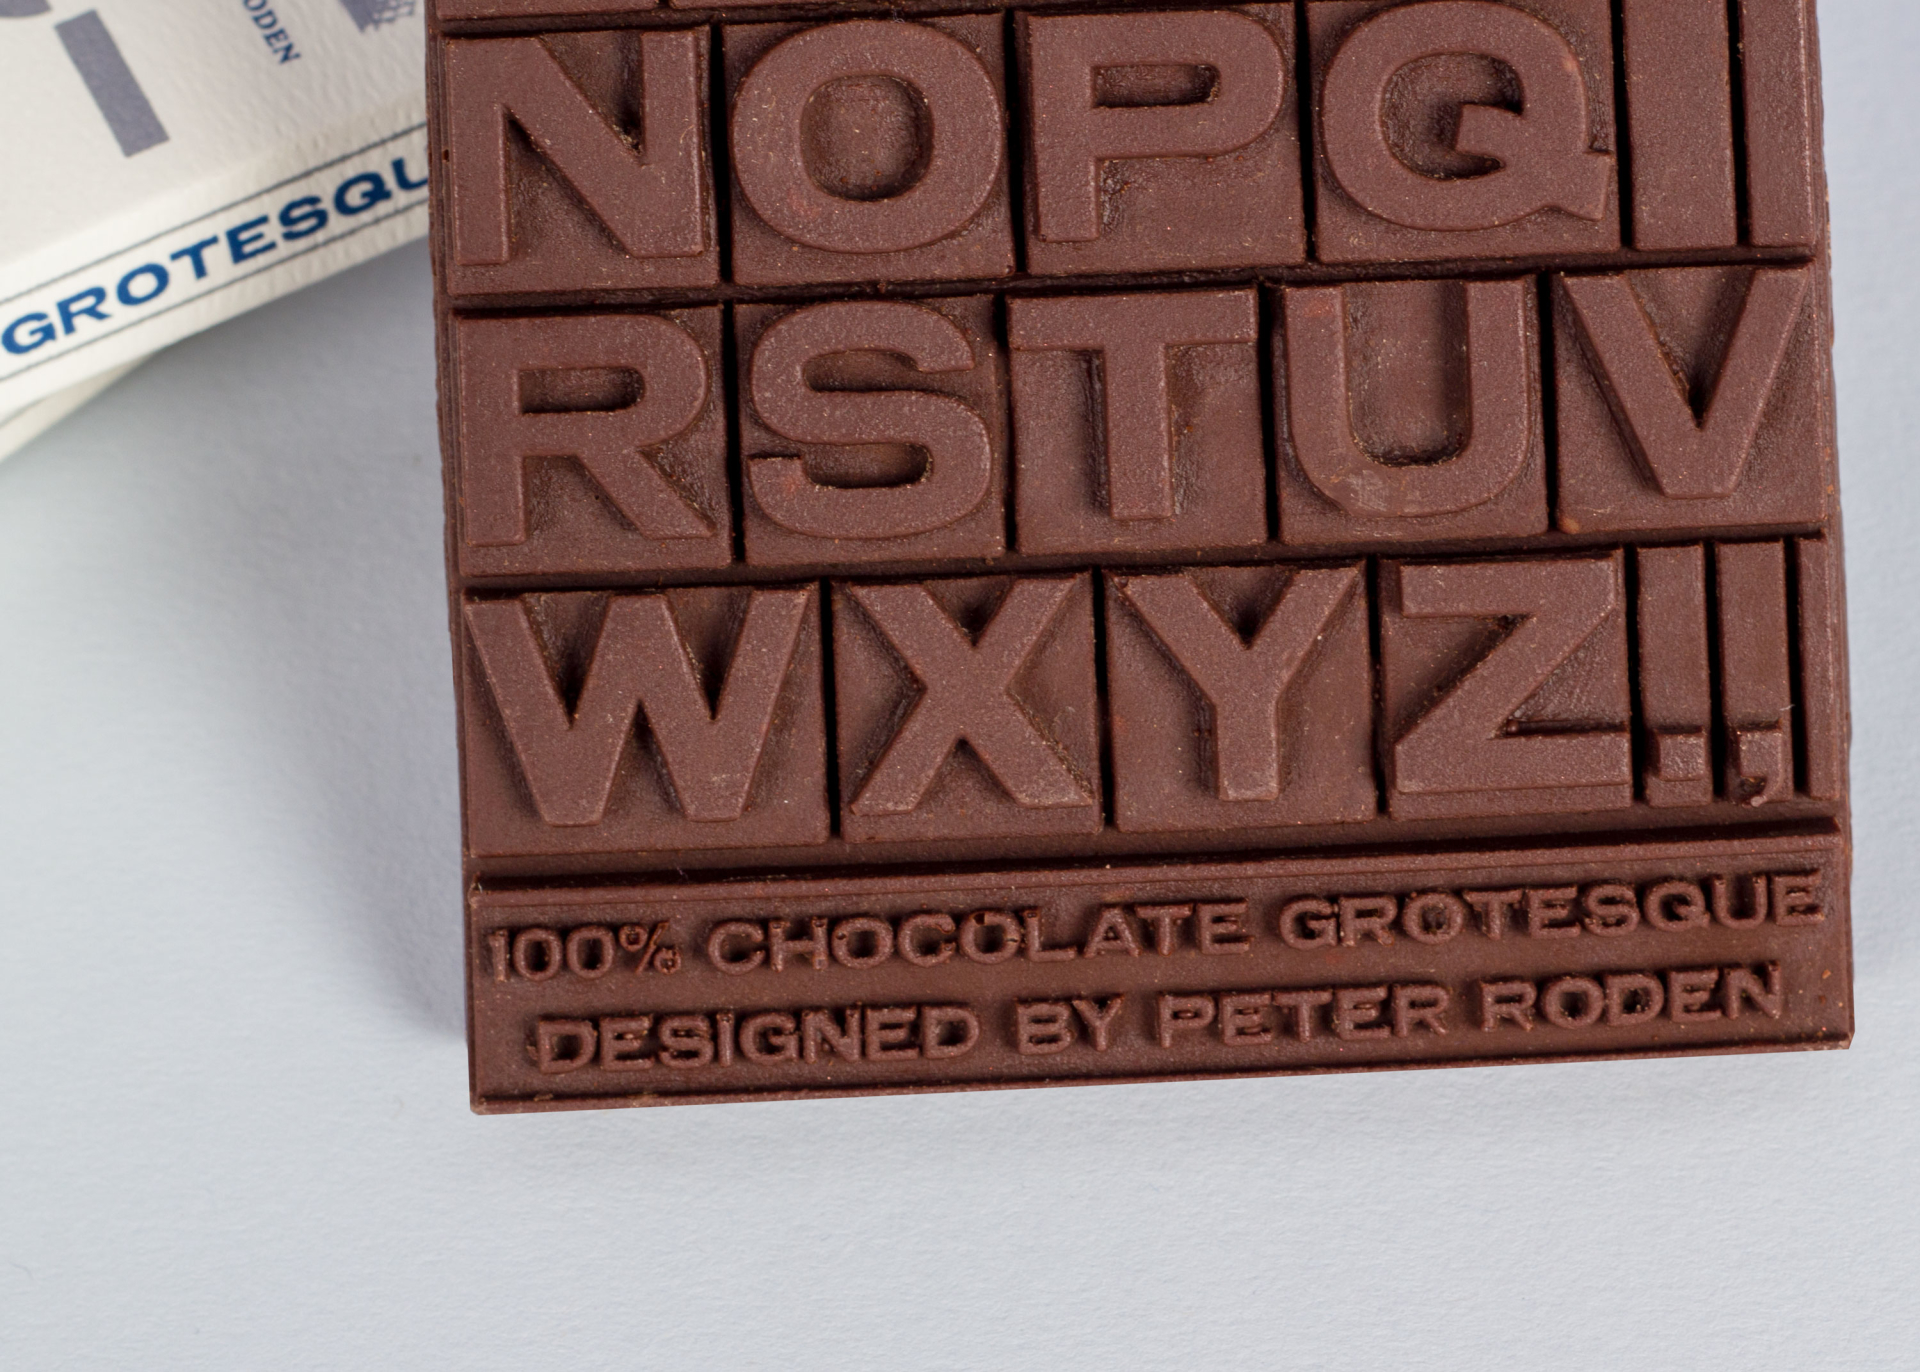 Peter Roden Design 100% Chocolate Grotesque